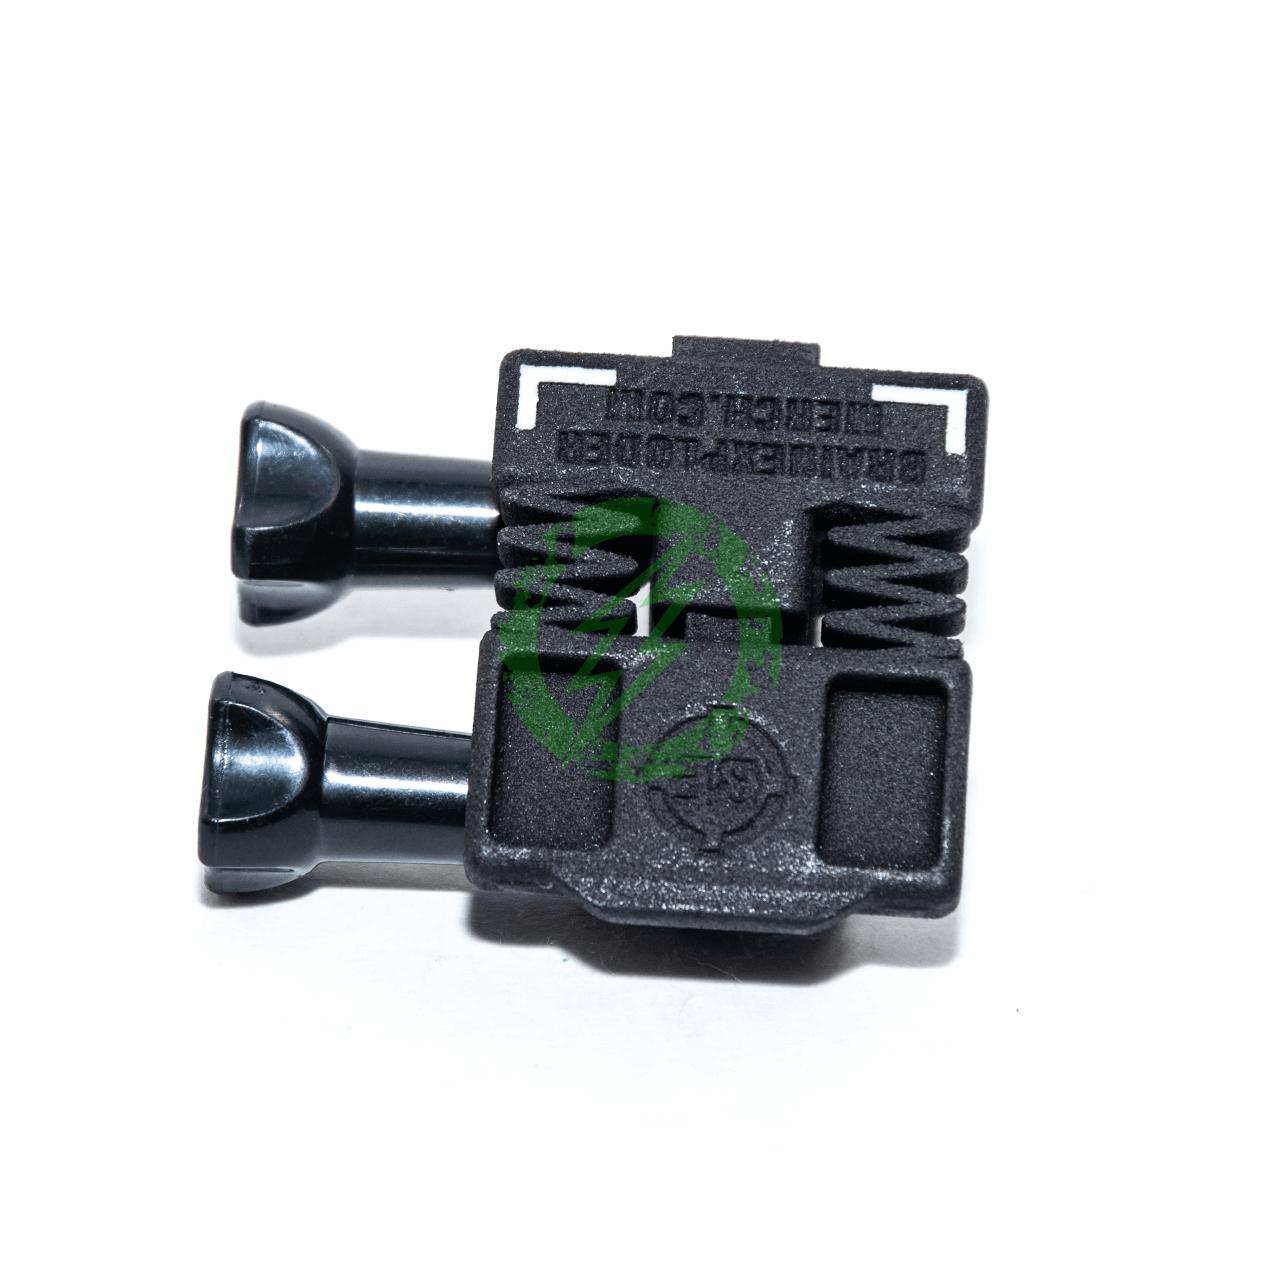 Brain Exploder Adjustable GoPro 3D Printed NVG Mount bottom